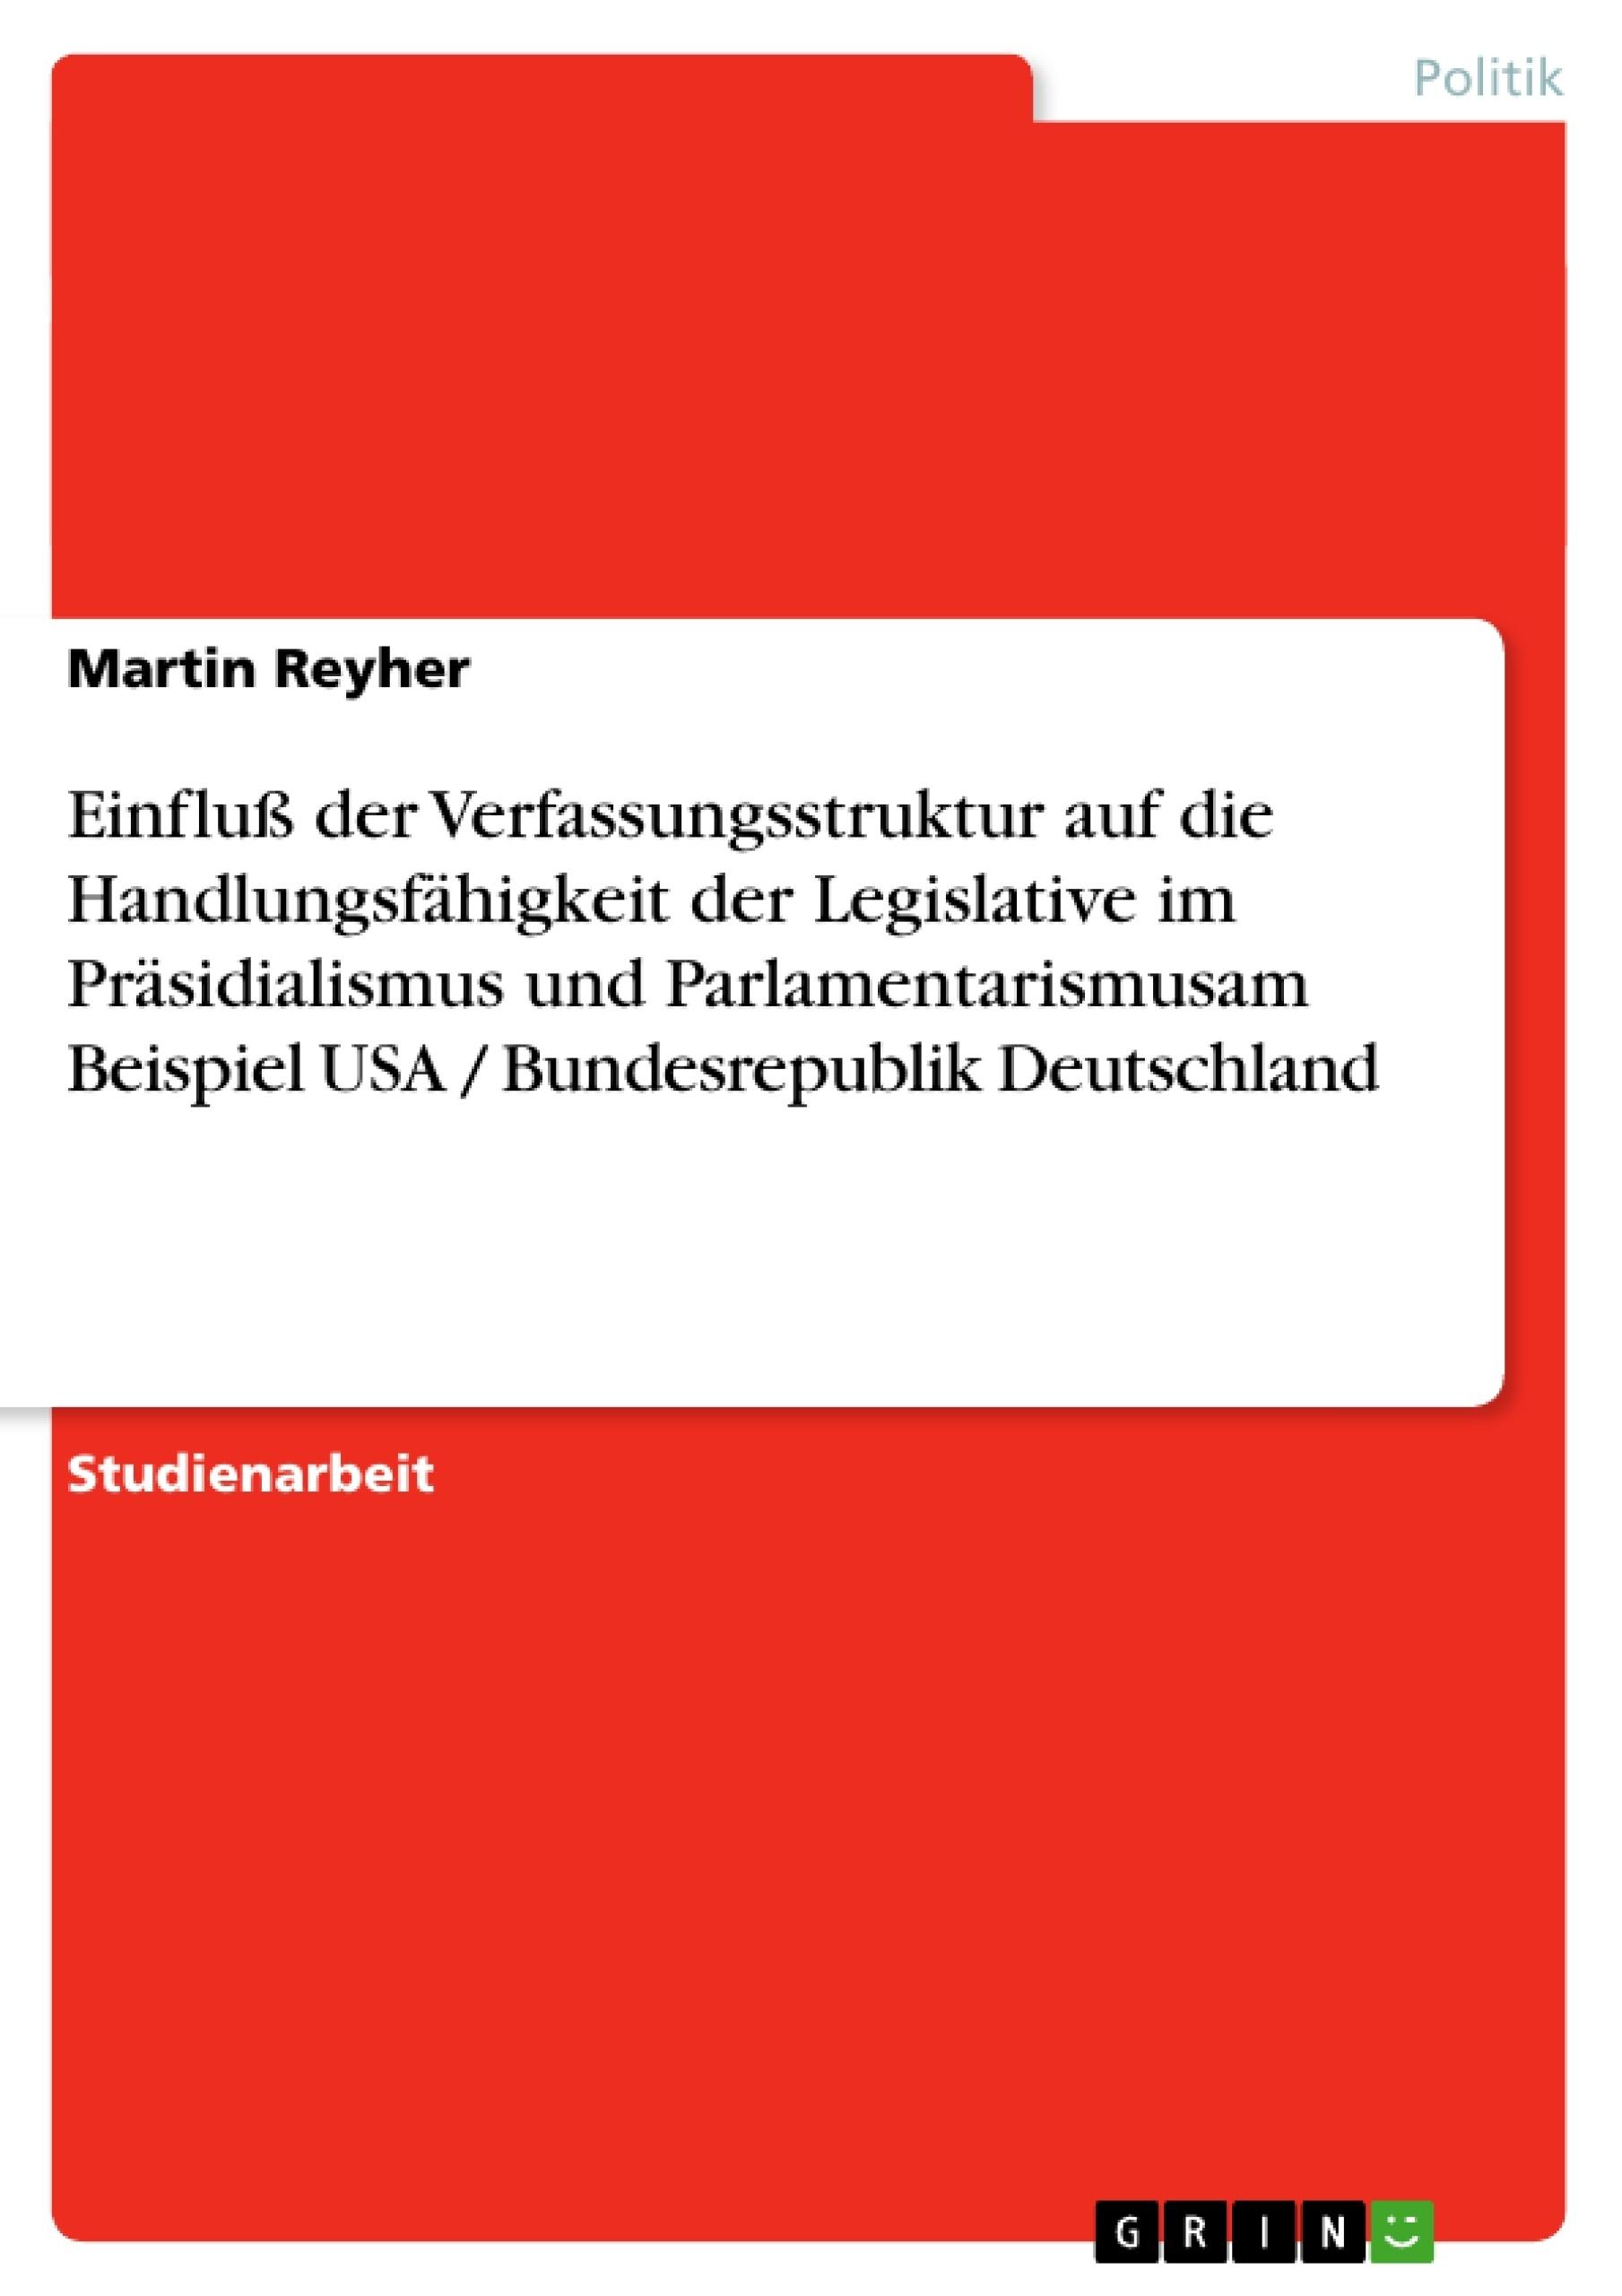 Titel: Einfluß der Verfassungsstruktur auf die Handlungsfähigkeit der Legislative im Präsidialismus und Parlamentarismusam Beispiel USA / Bundesrepublik Deutschland